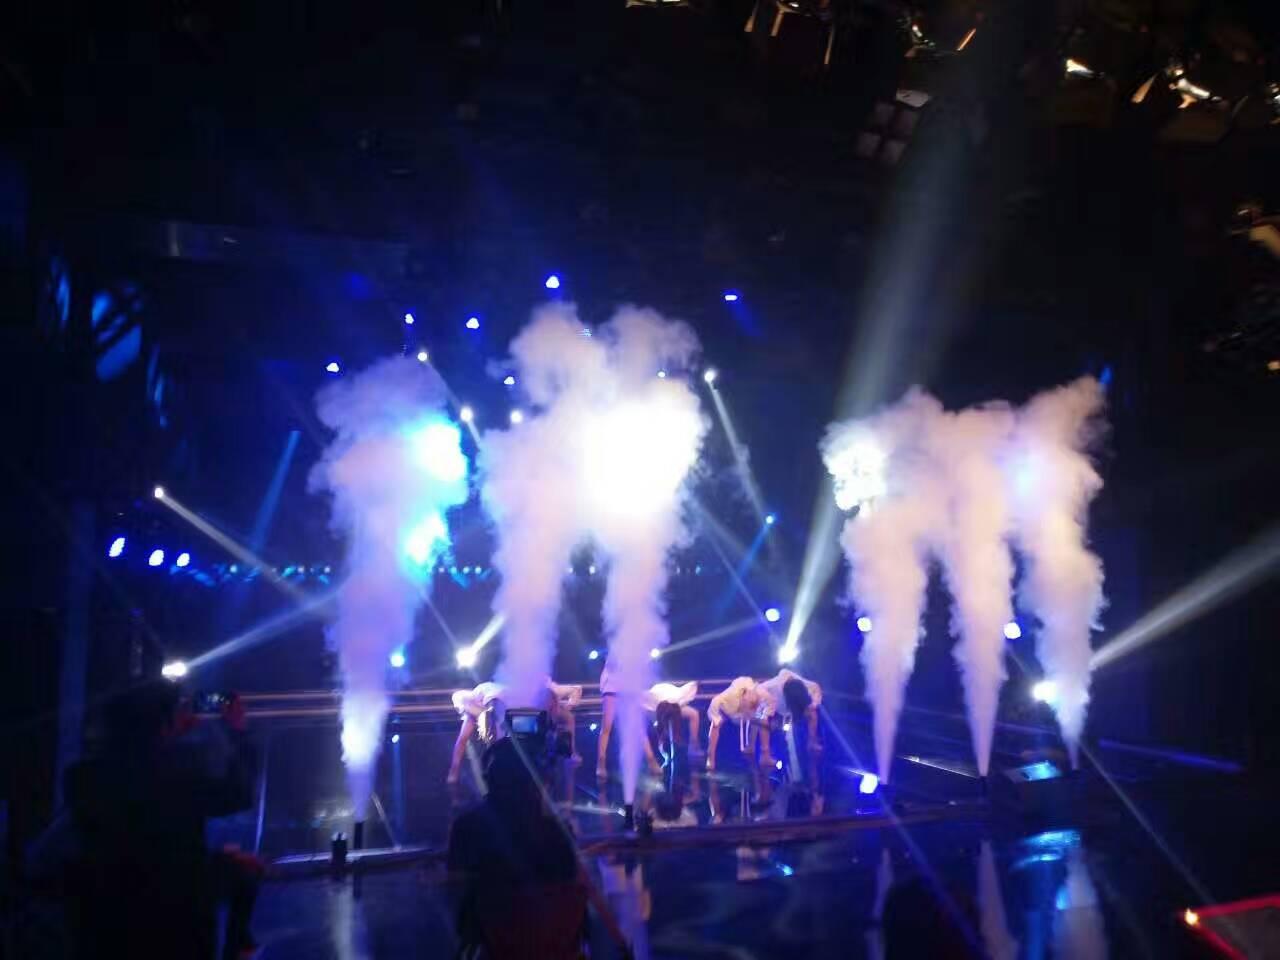 舞台干冰用于舞台演出